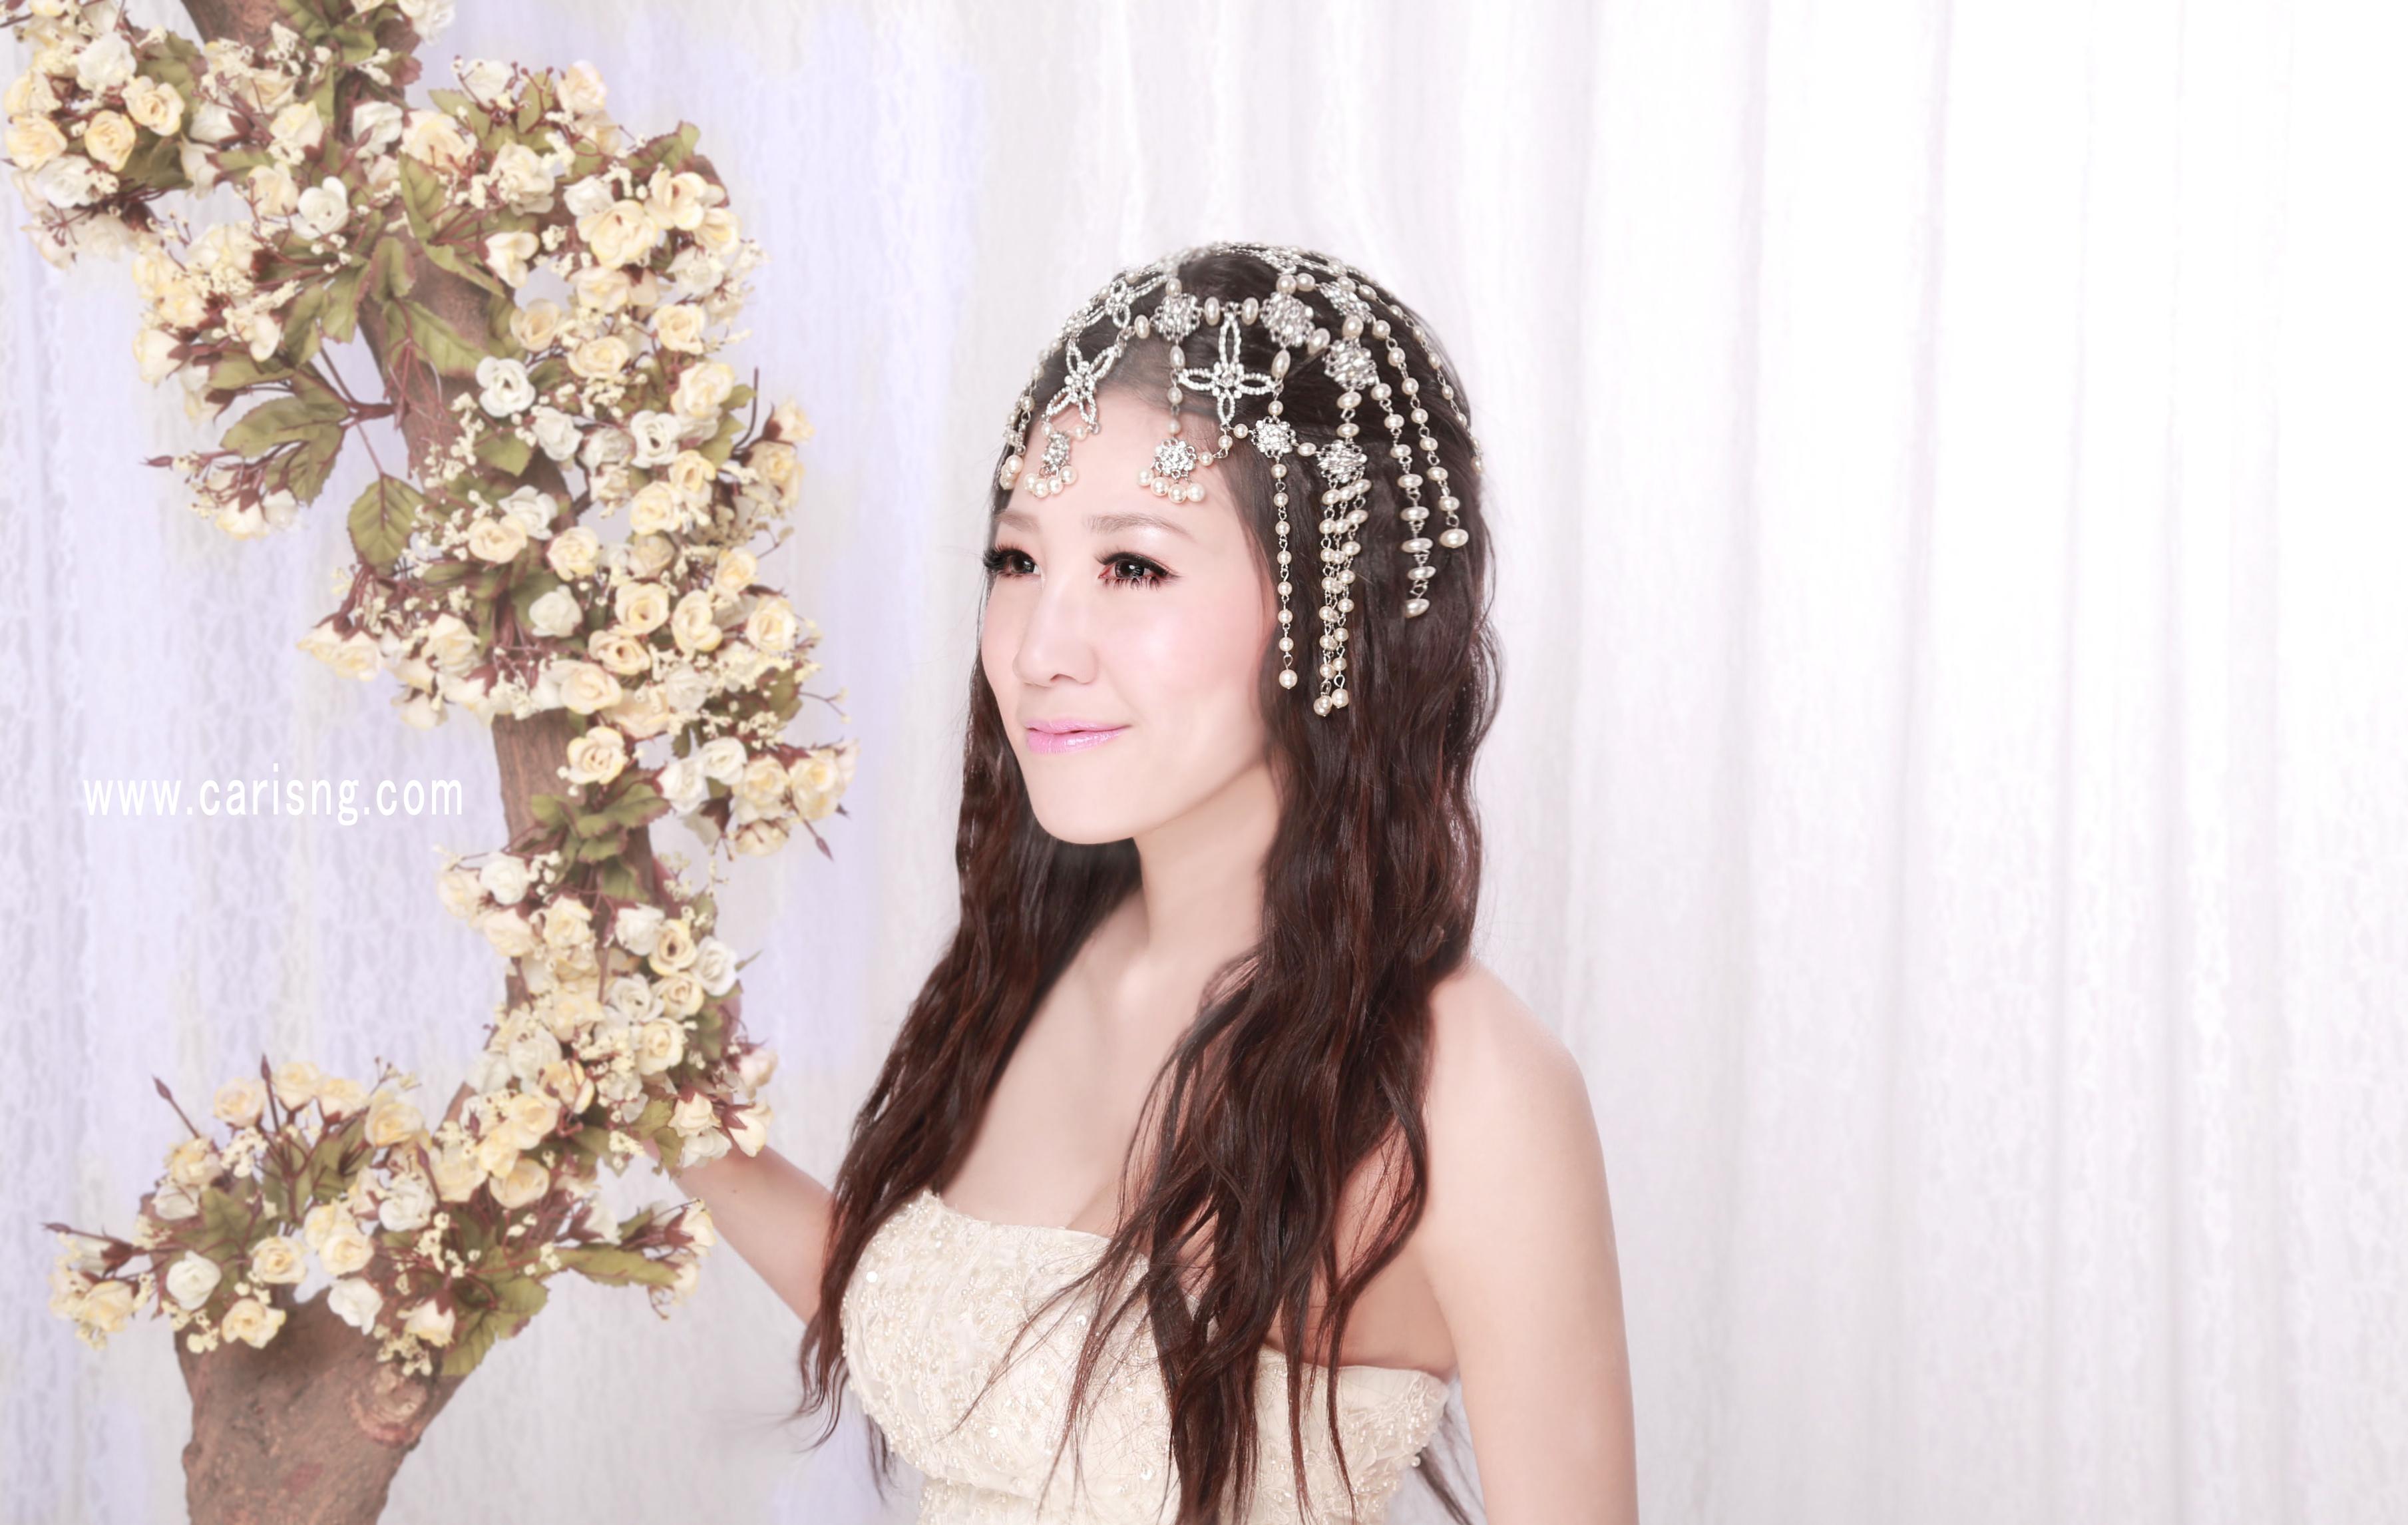 Bridal11bycarisng.jpg